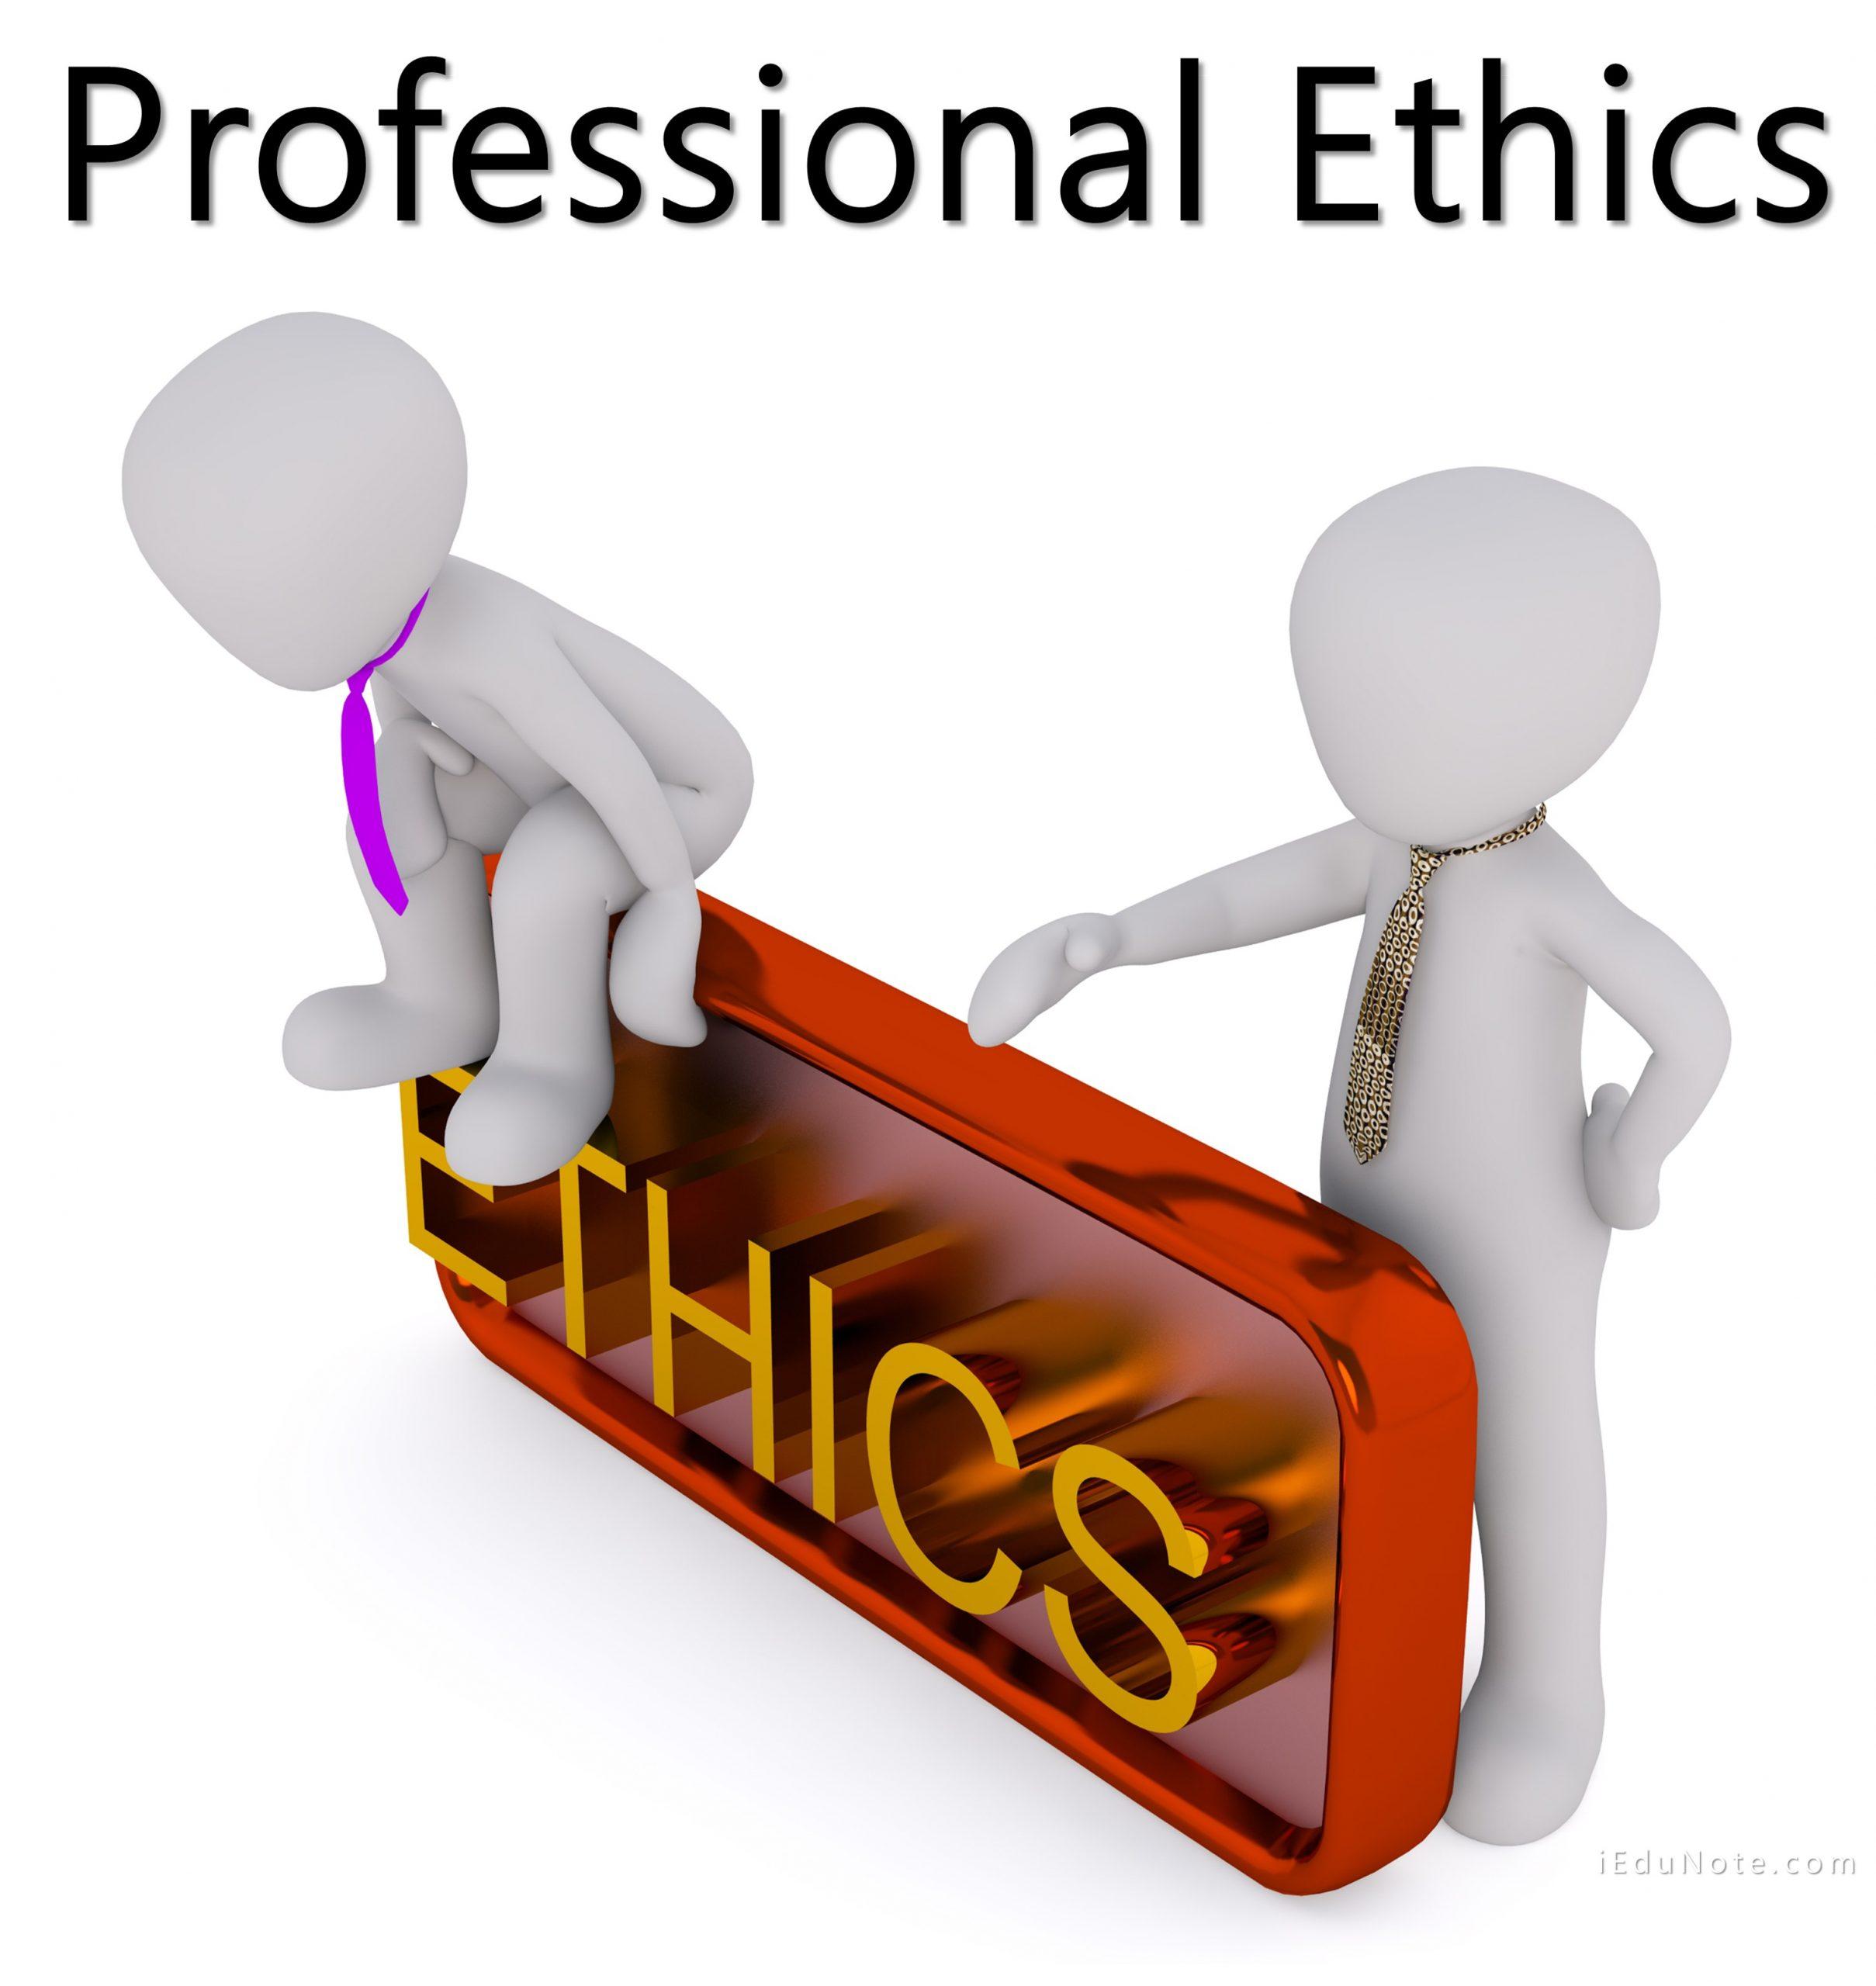 اصول اخلاقی و حرفه ای در مدیریت منابع انسانی